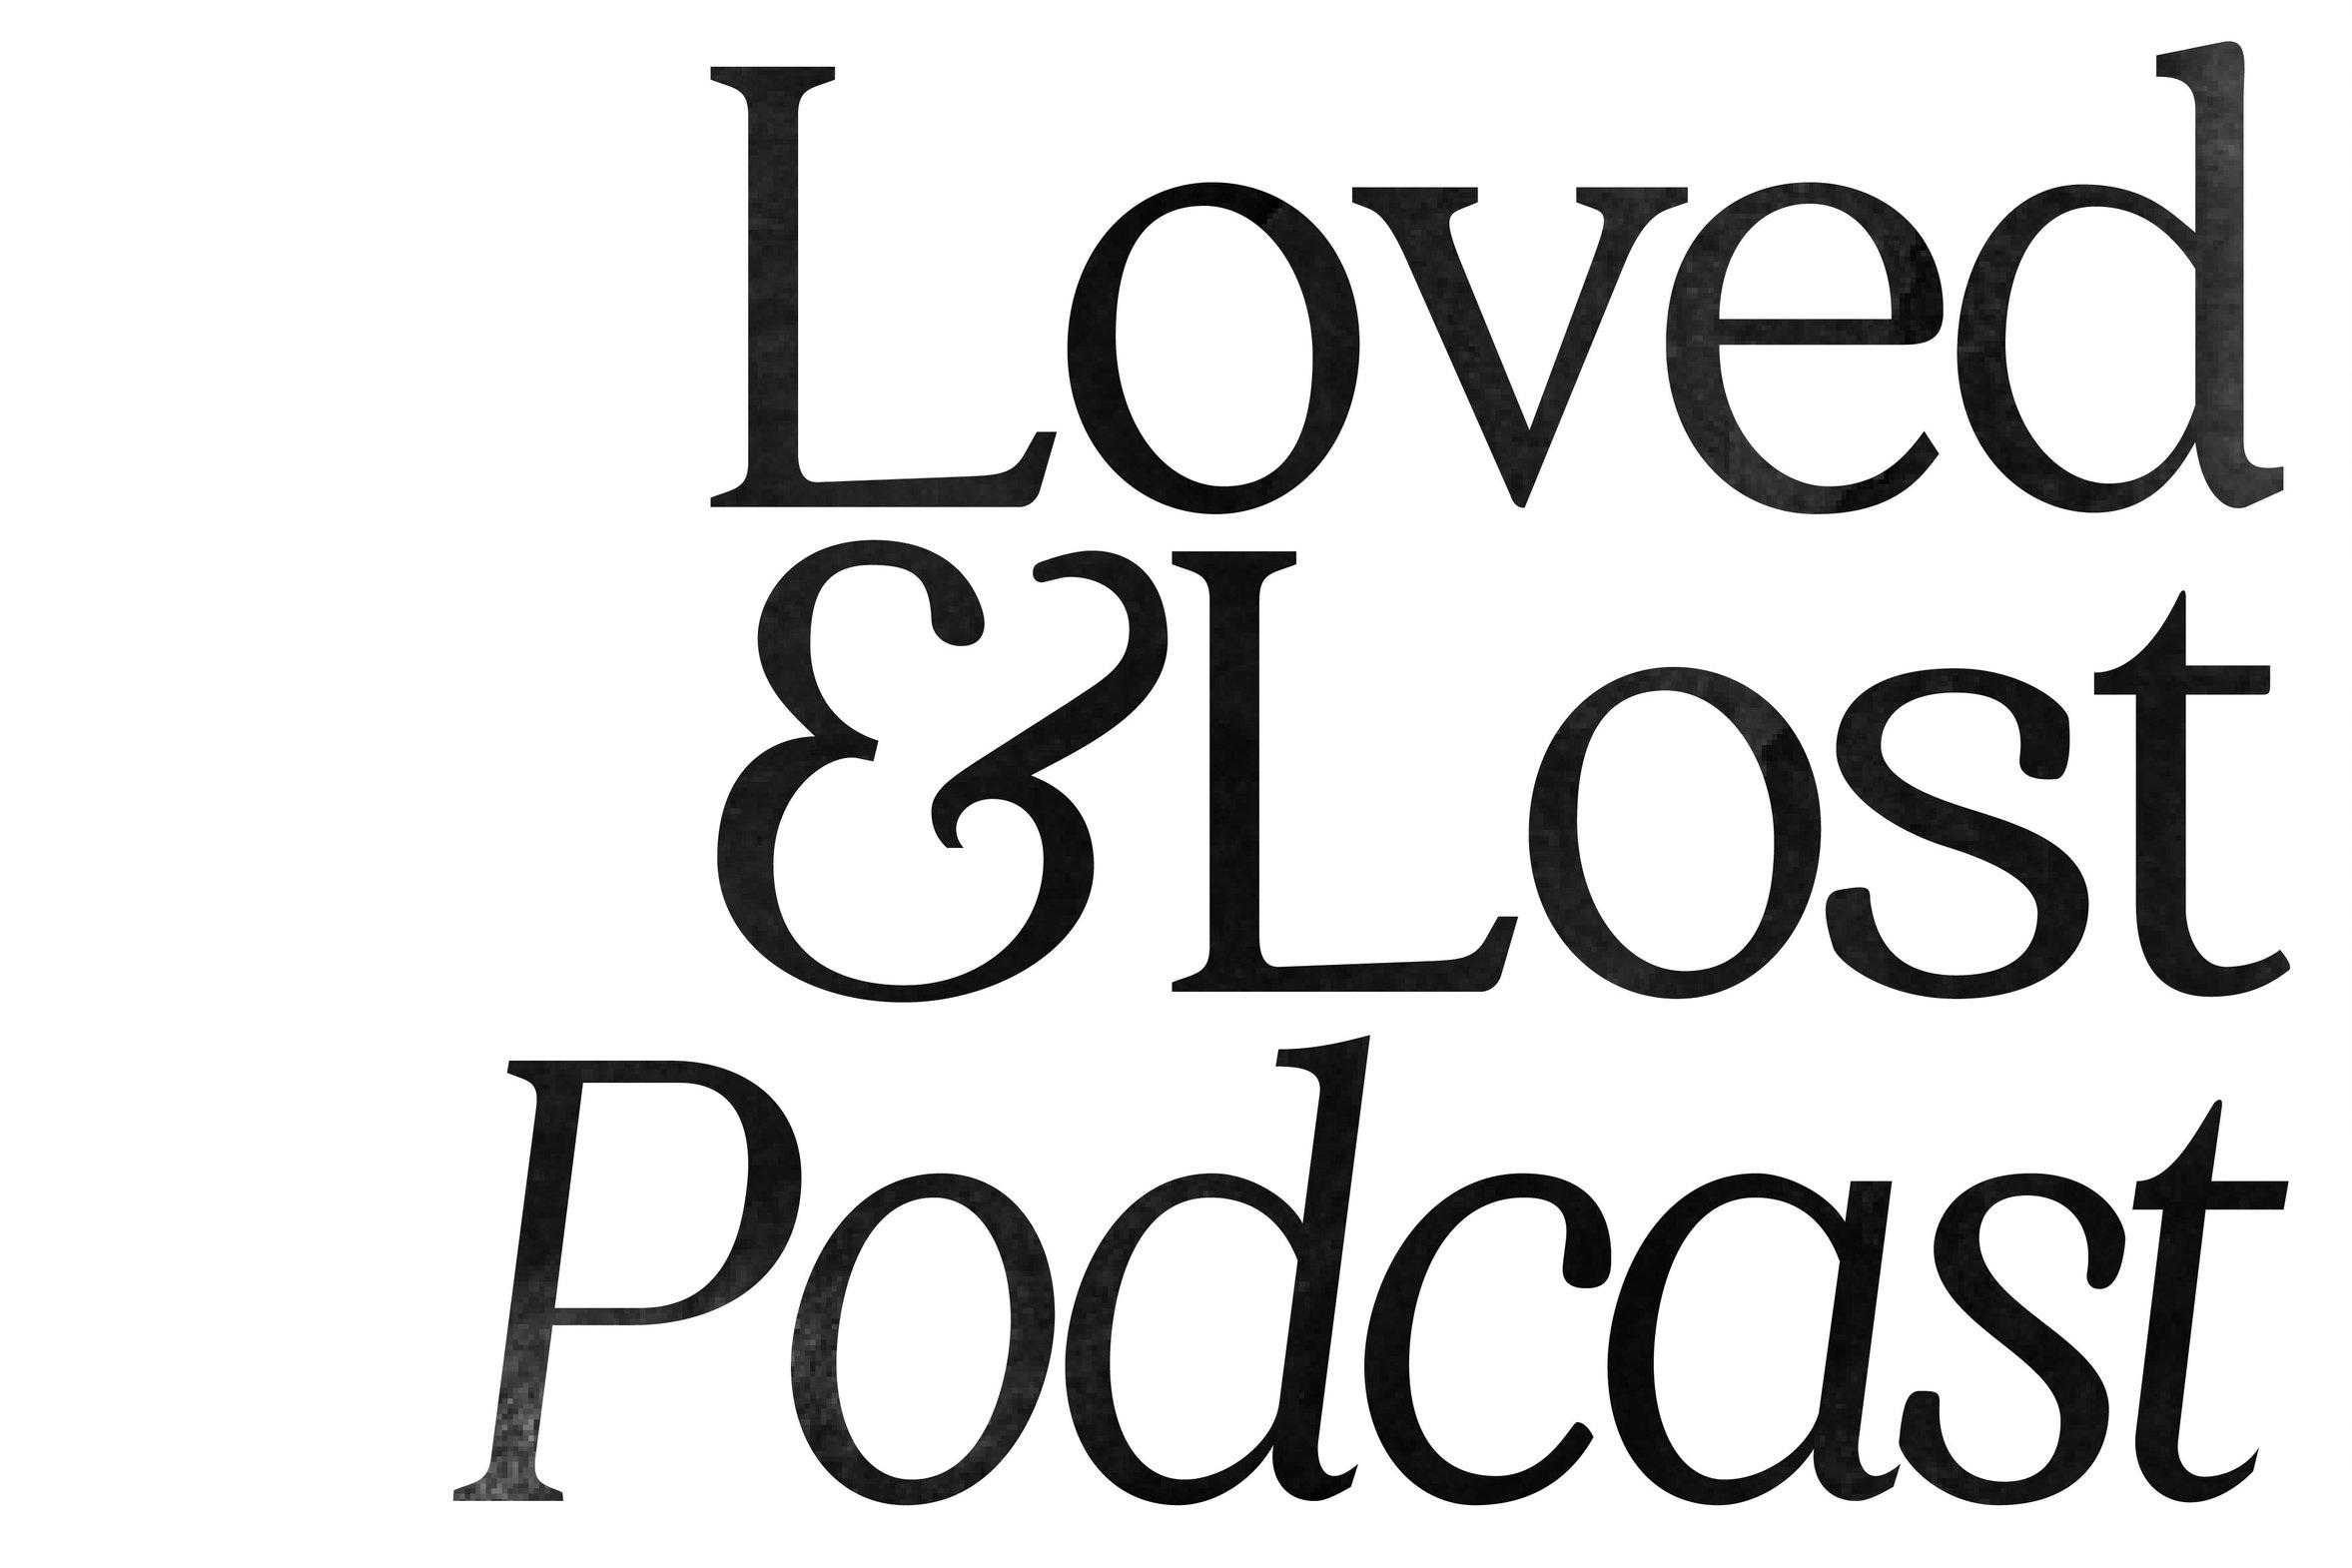 L%26L+Podcast+lo.jpg